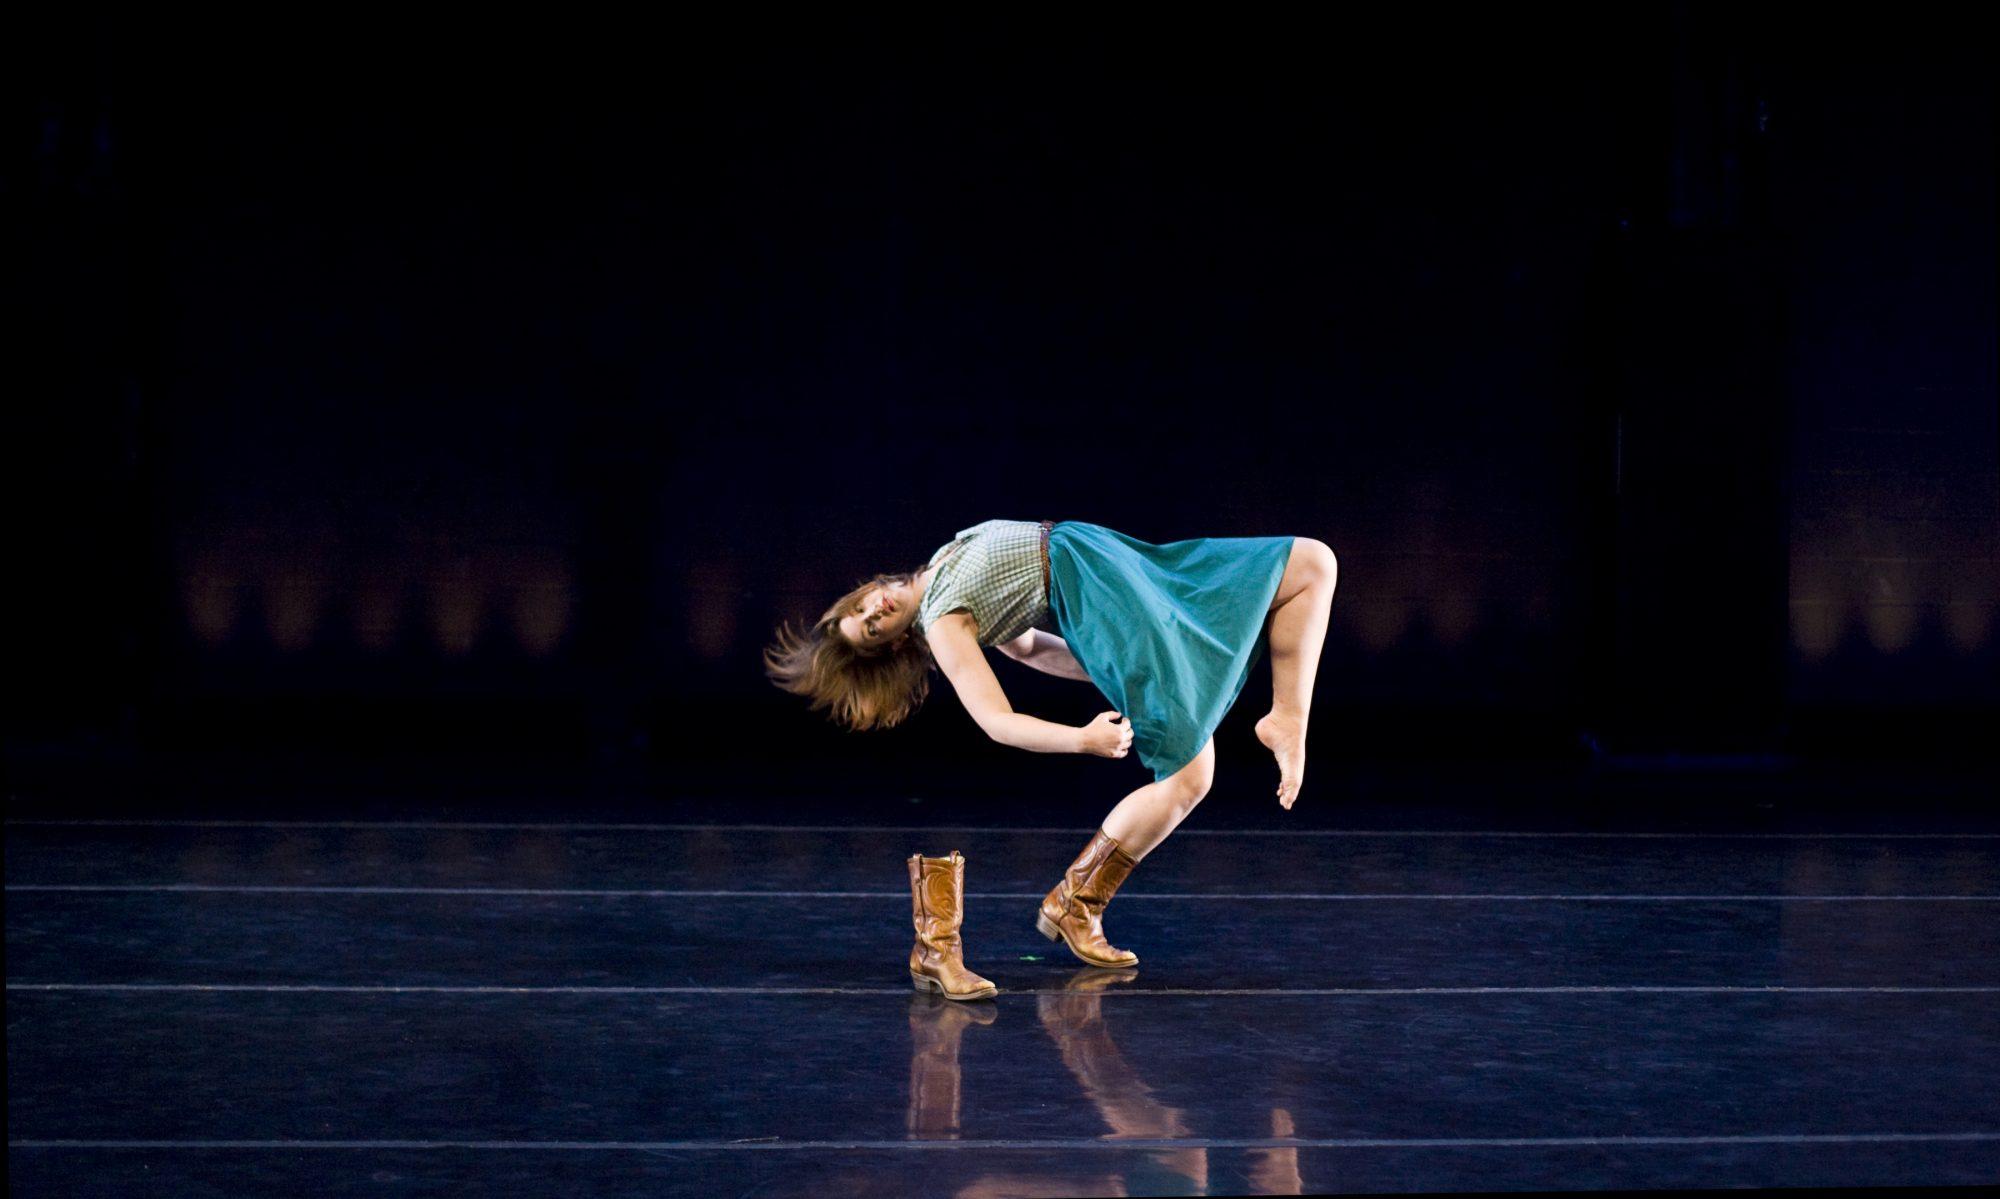 Samantha Spriggs Dance